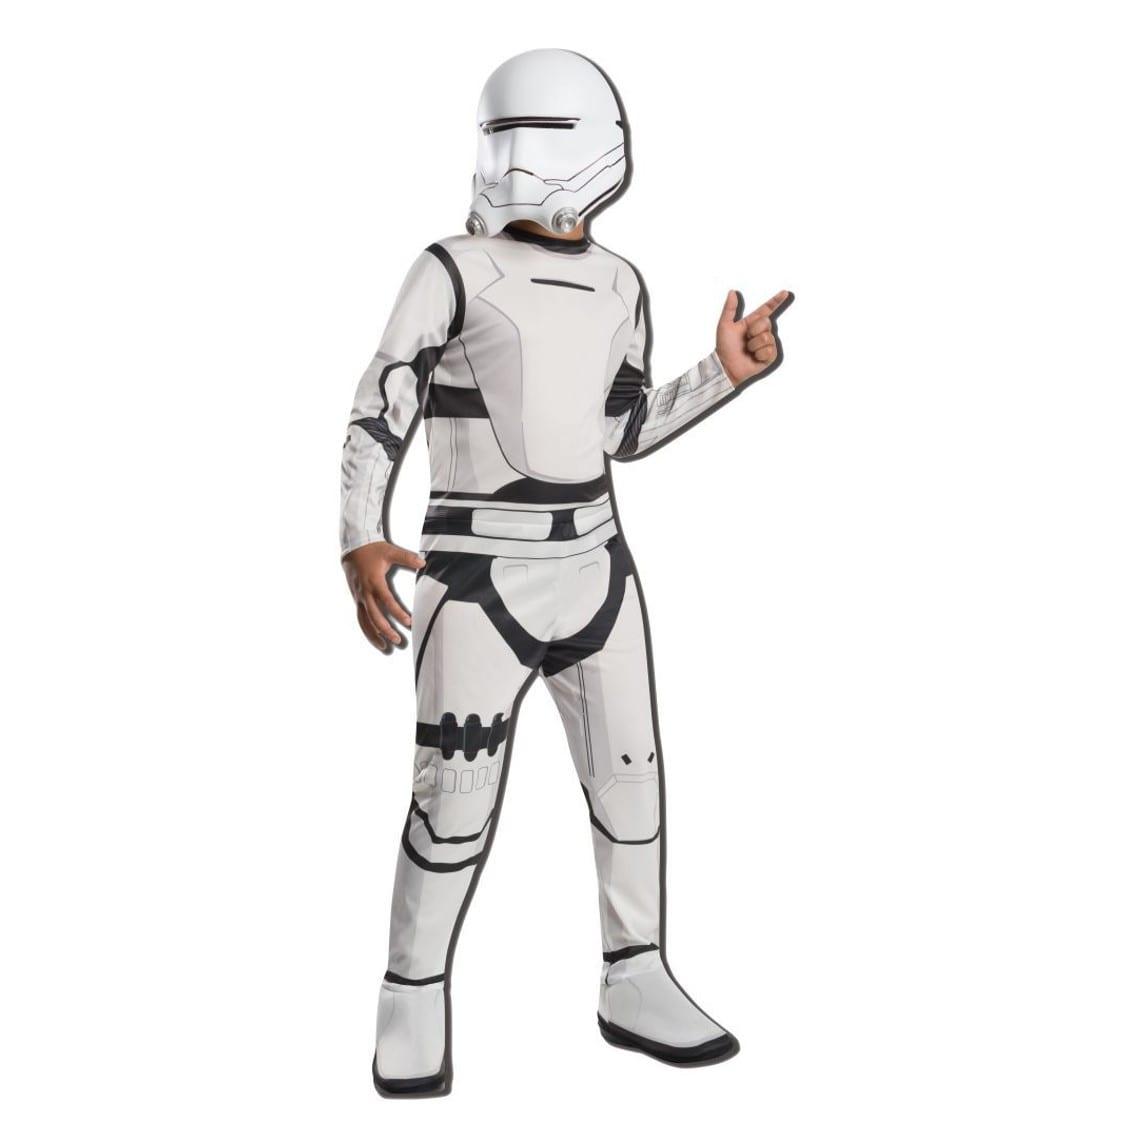 תחפושת פליים טרופר מלחמת הכוכבים – פורים רוביס